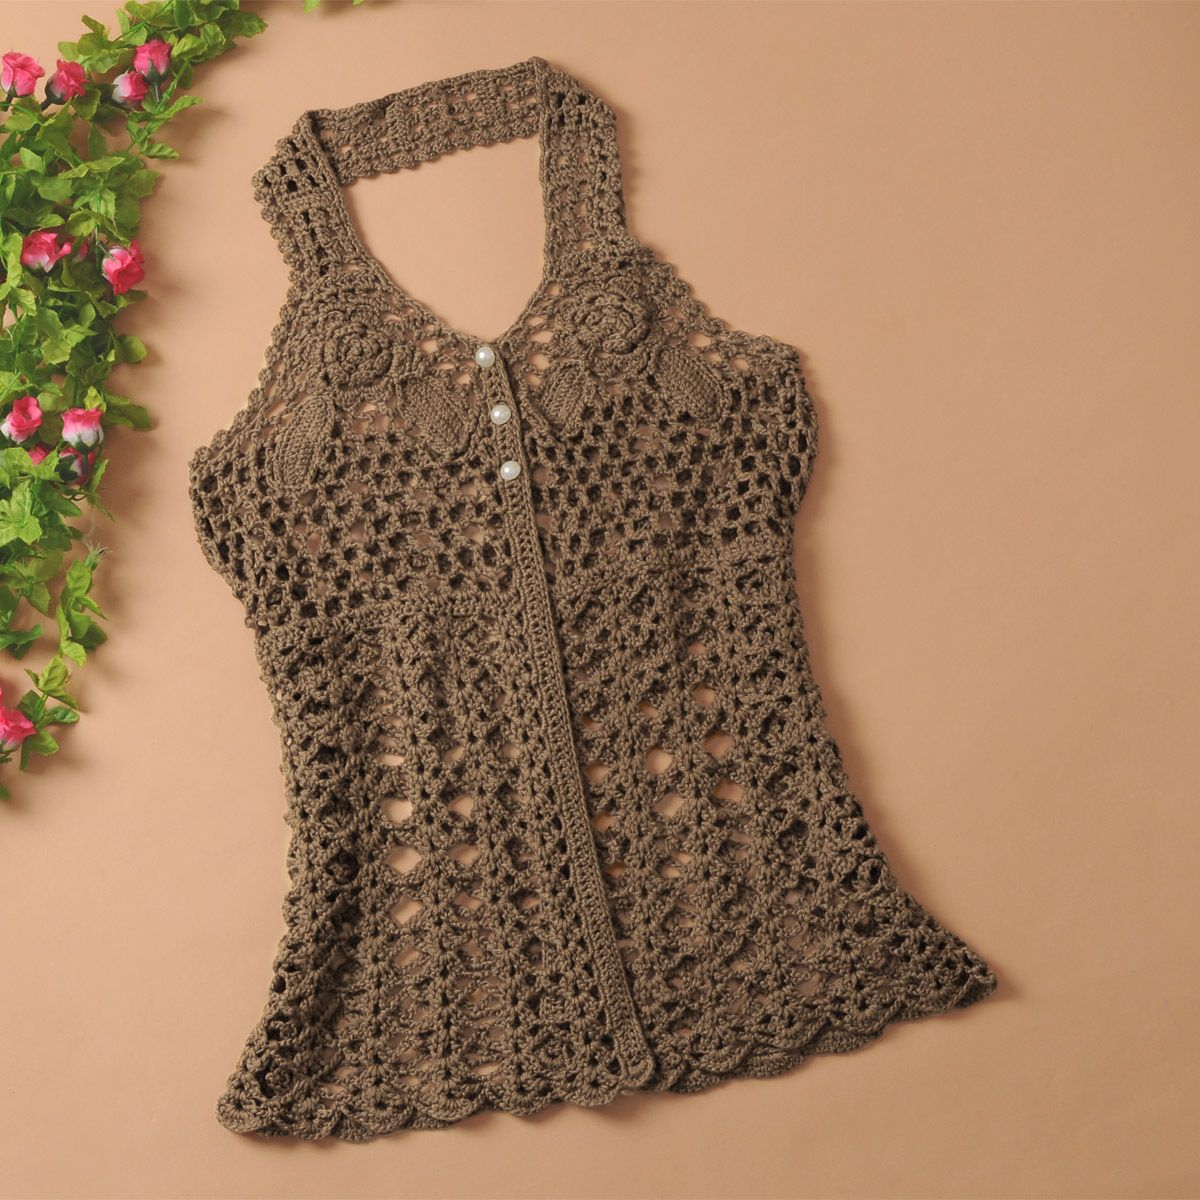 blusas tejidas japonesas a | Cose da indossare | Pinterest | Fotos ...